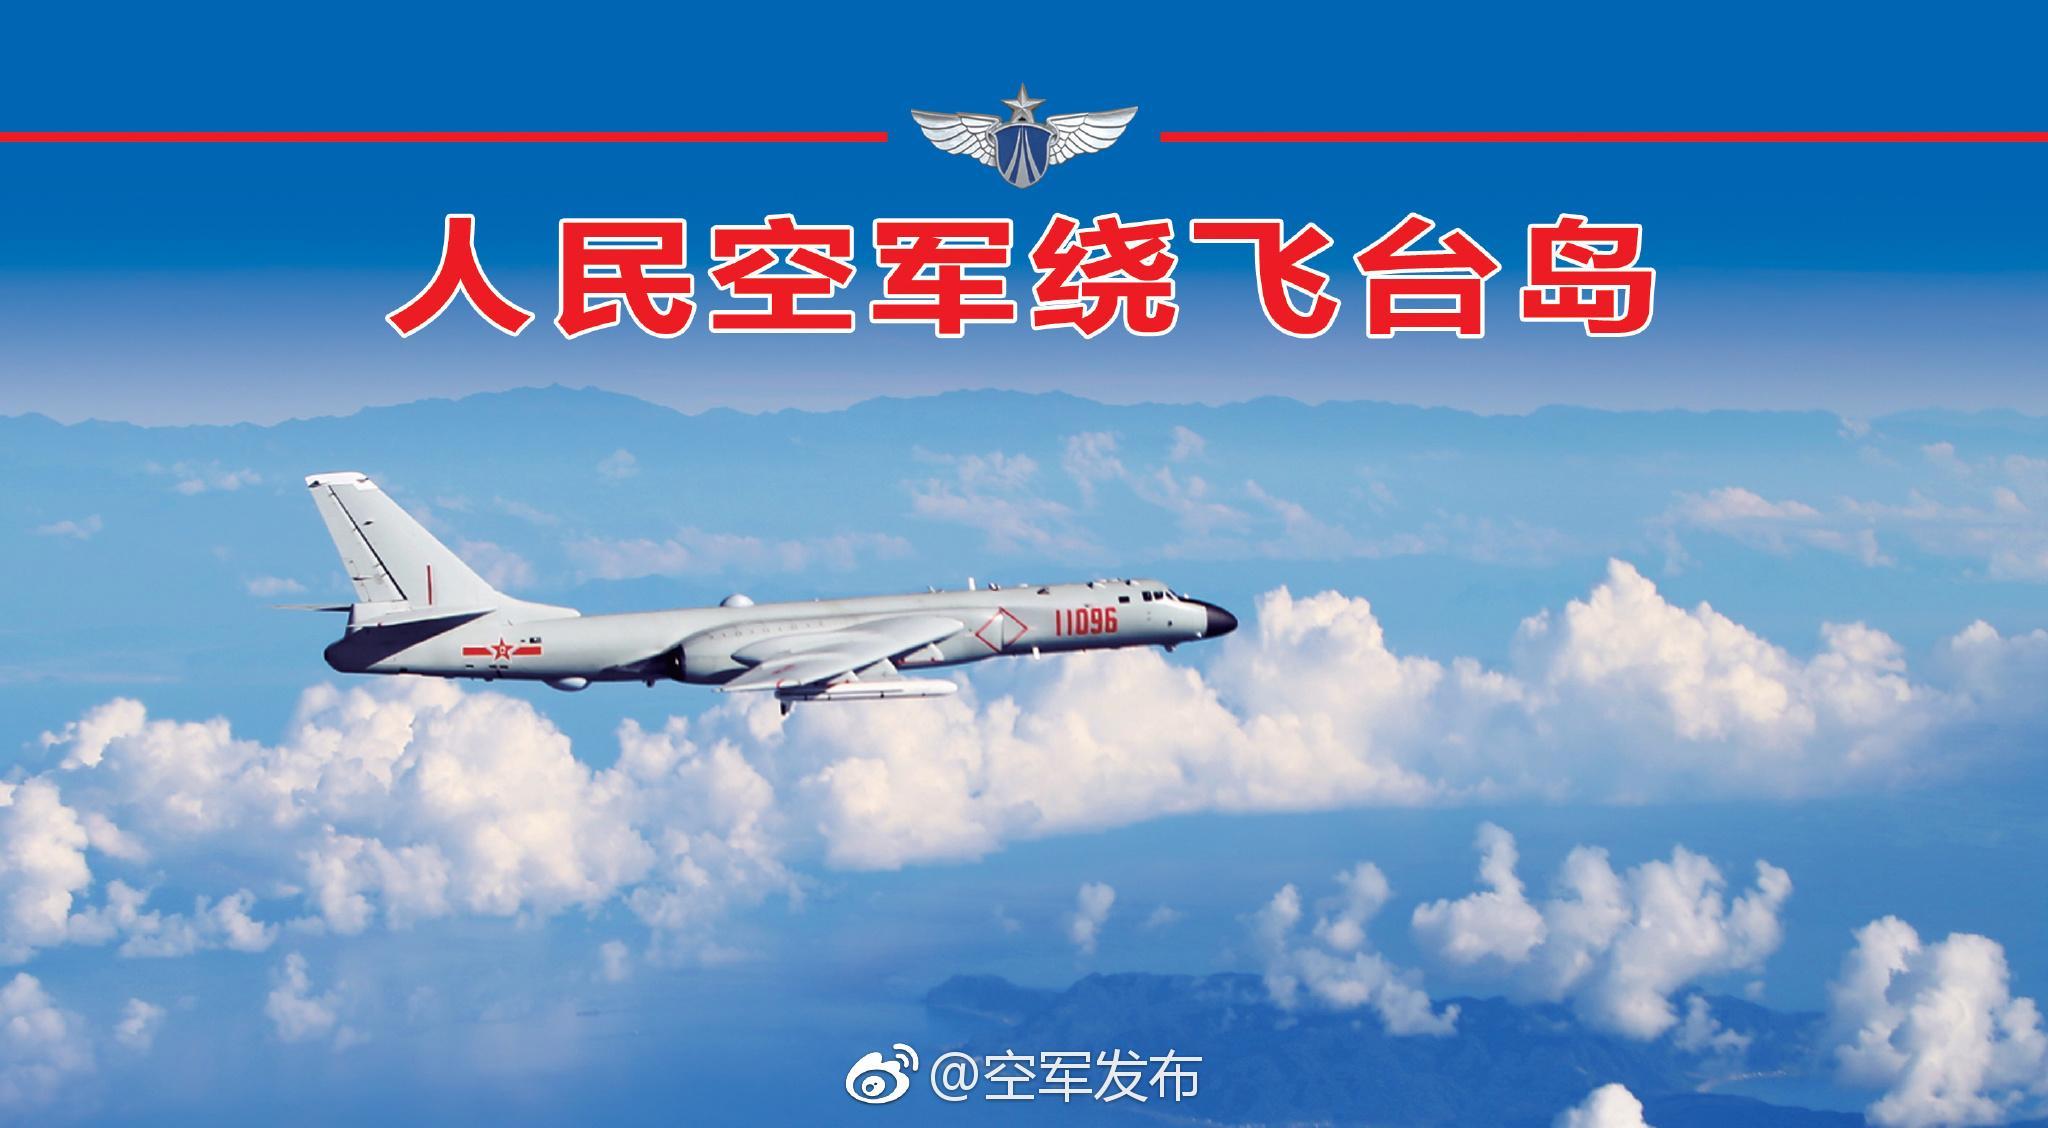 军事专家:中国空跑狗图军可在第一岛链外形成空战体系